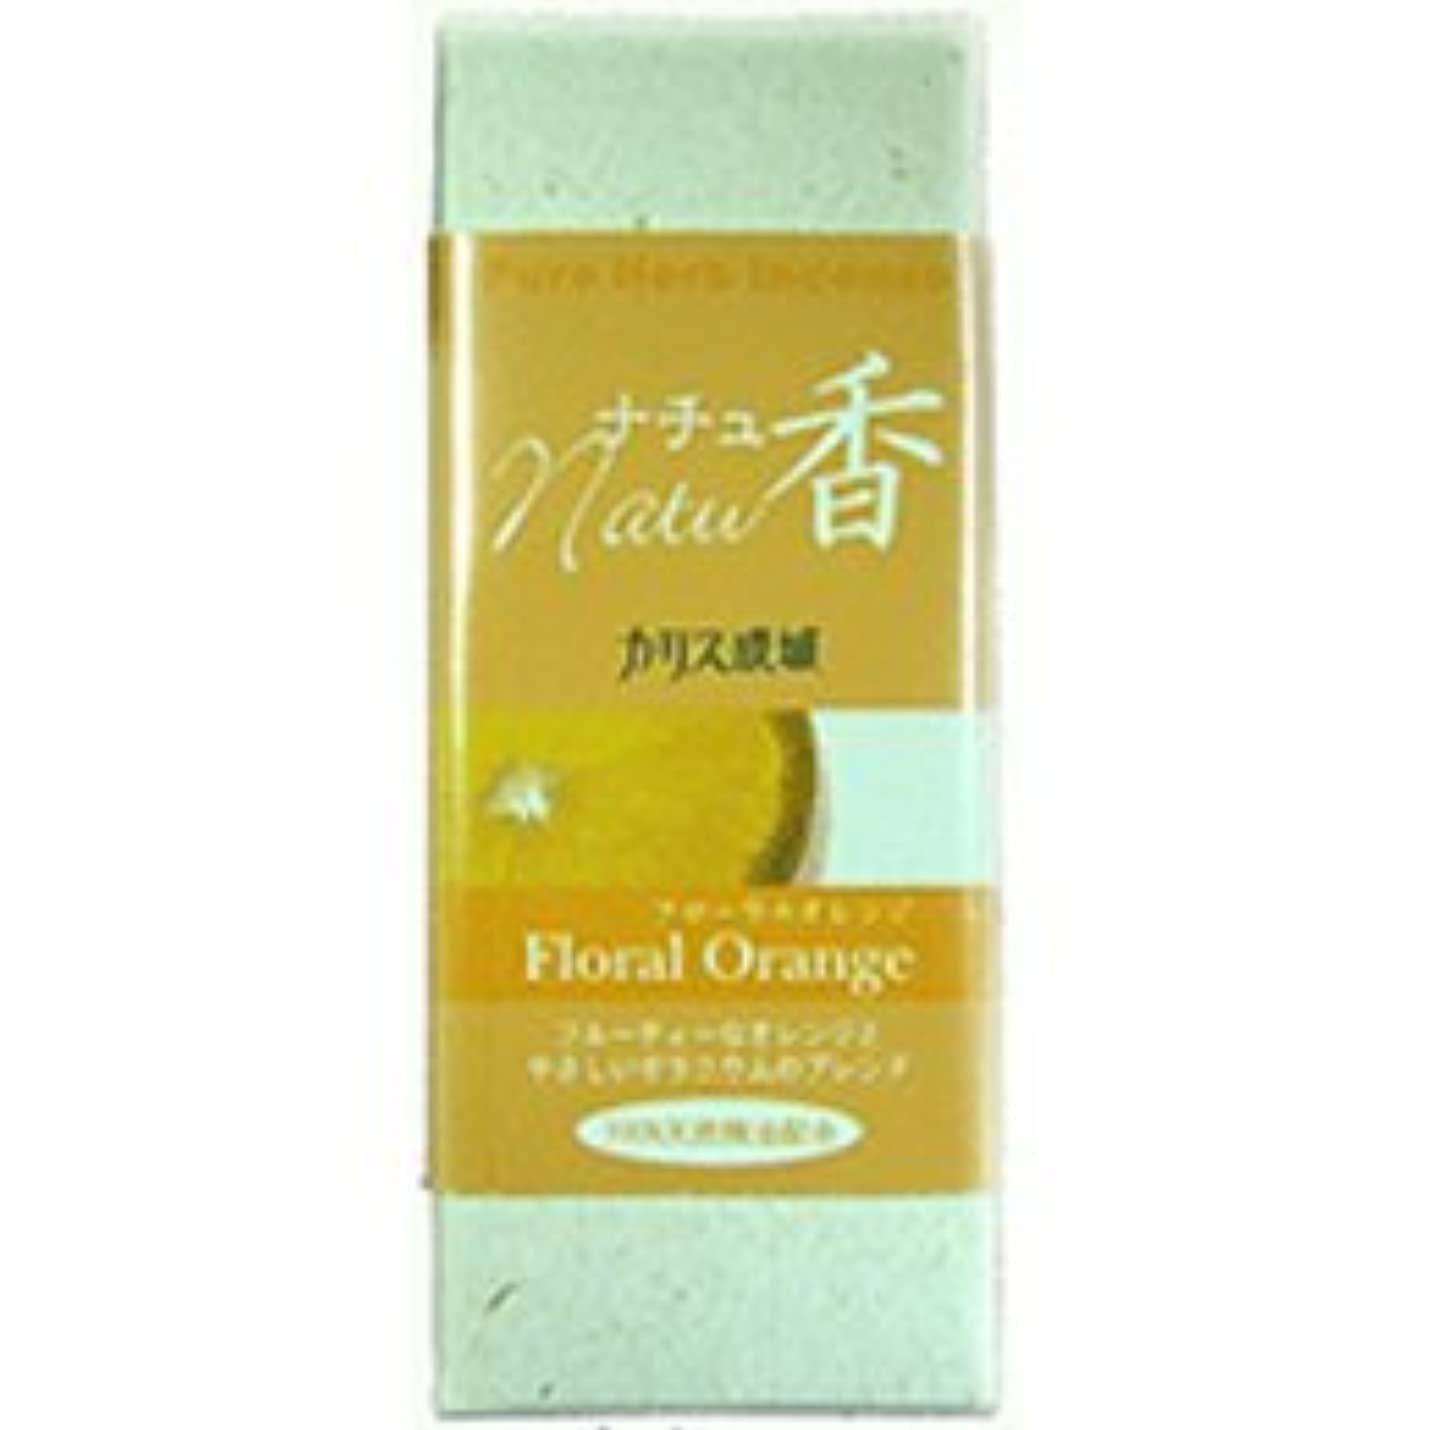 差し迫ったステップ汚染されたカリス ピュアハーブインセンス natu香 フローラルオレンジ